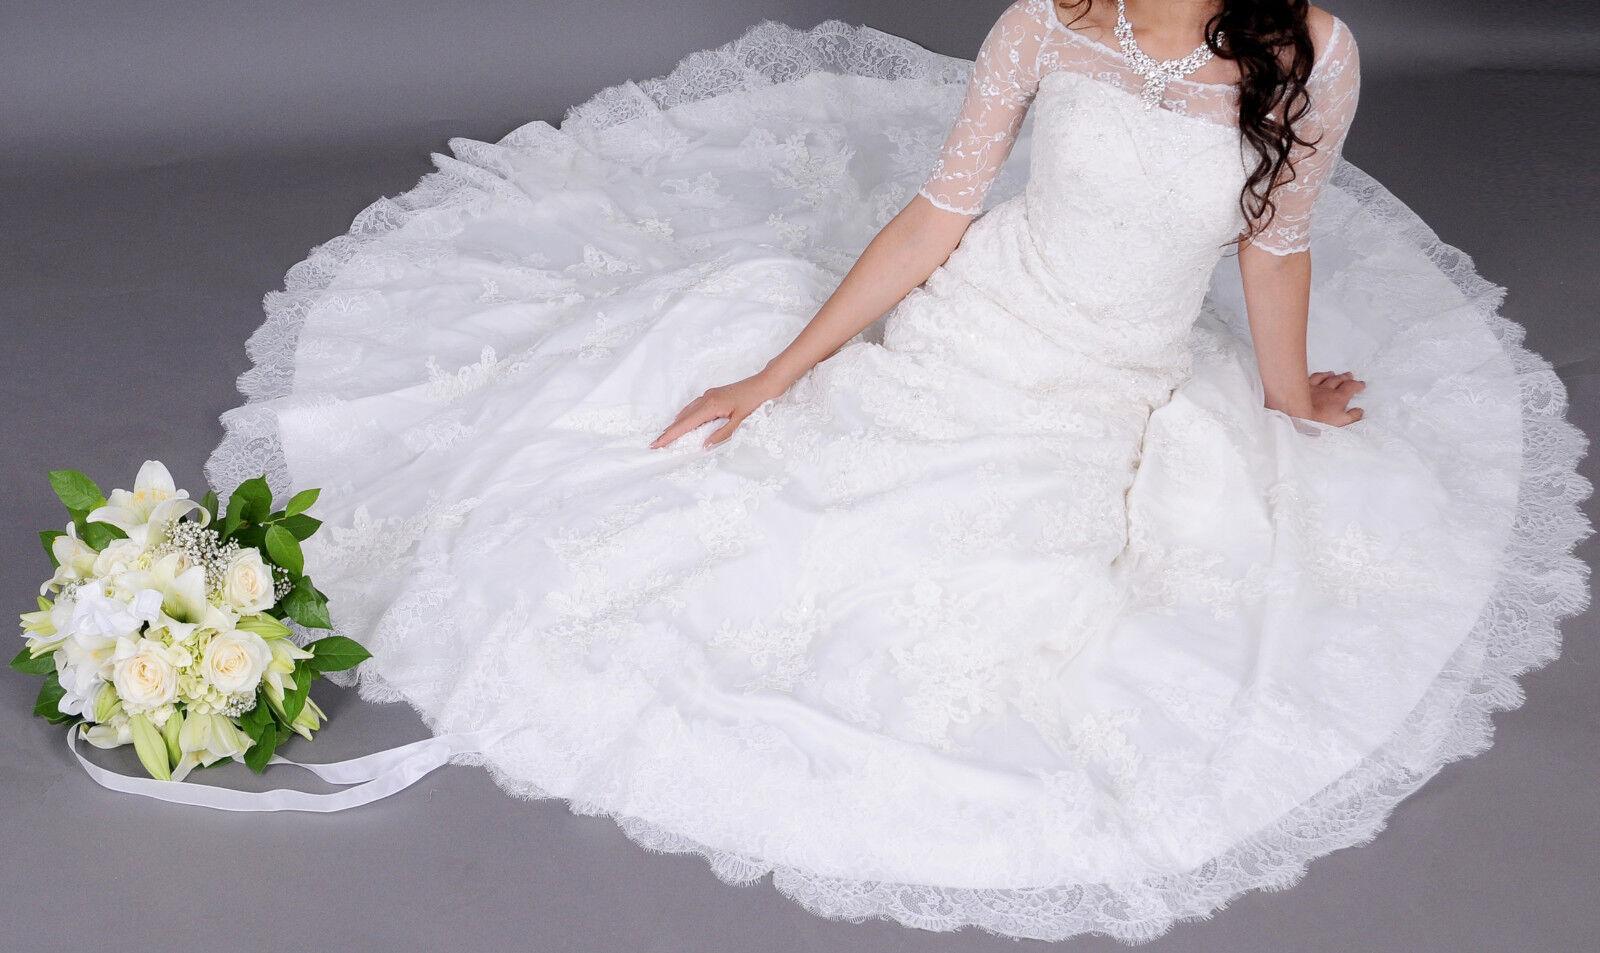 Traumkleid  Hochwertiges Brautkleid ( 1700 EUR), wie neu, Elfenbein, S-M